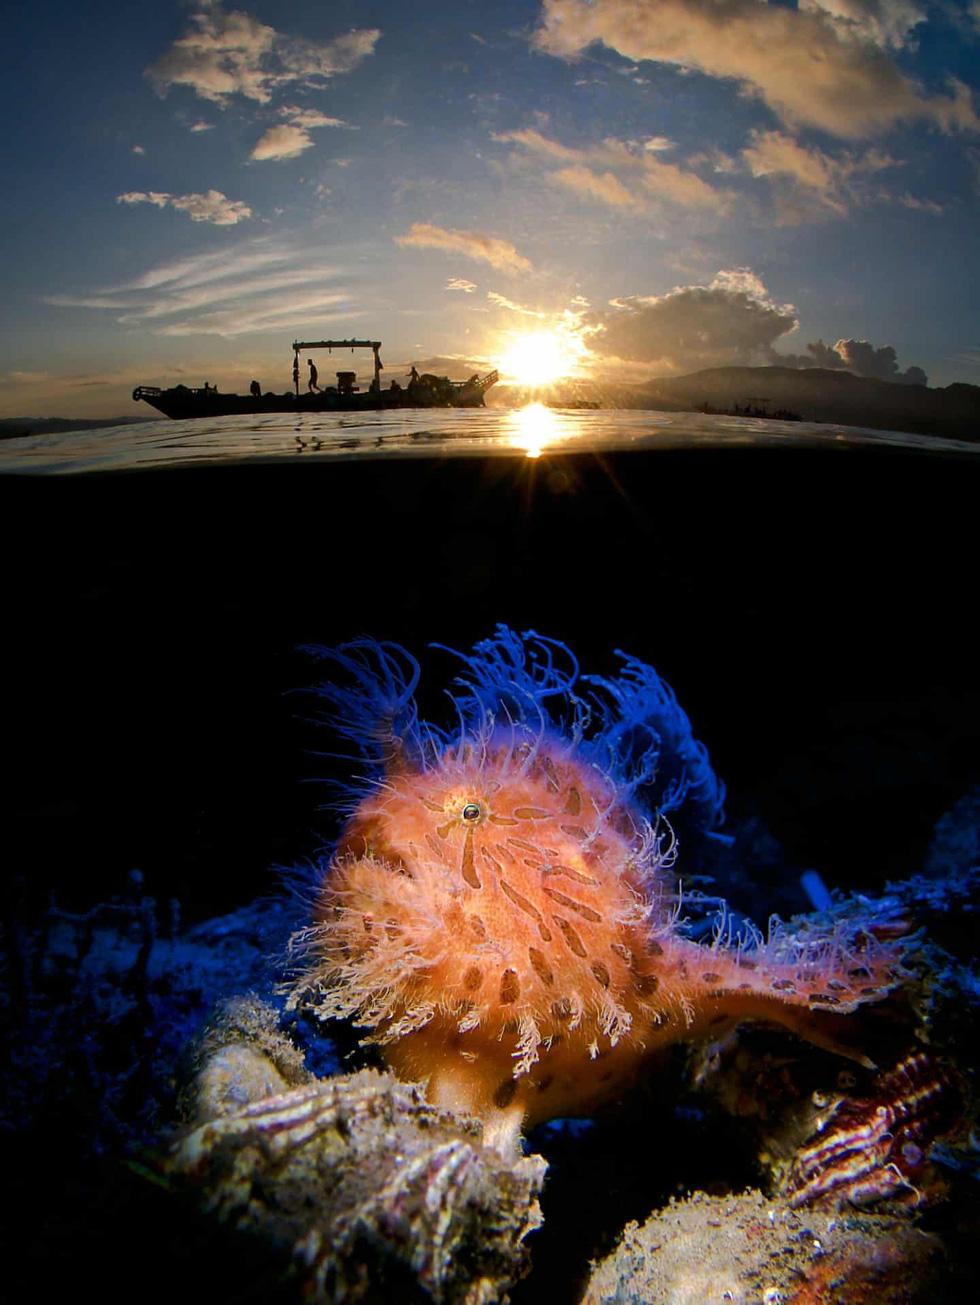 Mê mẩn ảnh đẹp đại dương năm 2019 - Ảnh 7.